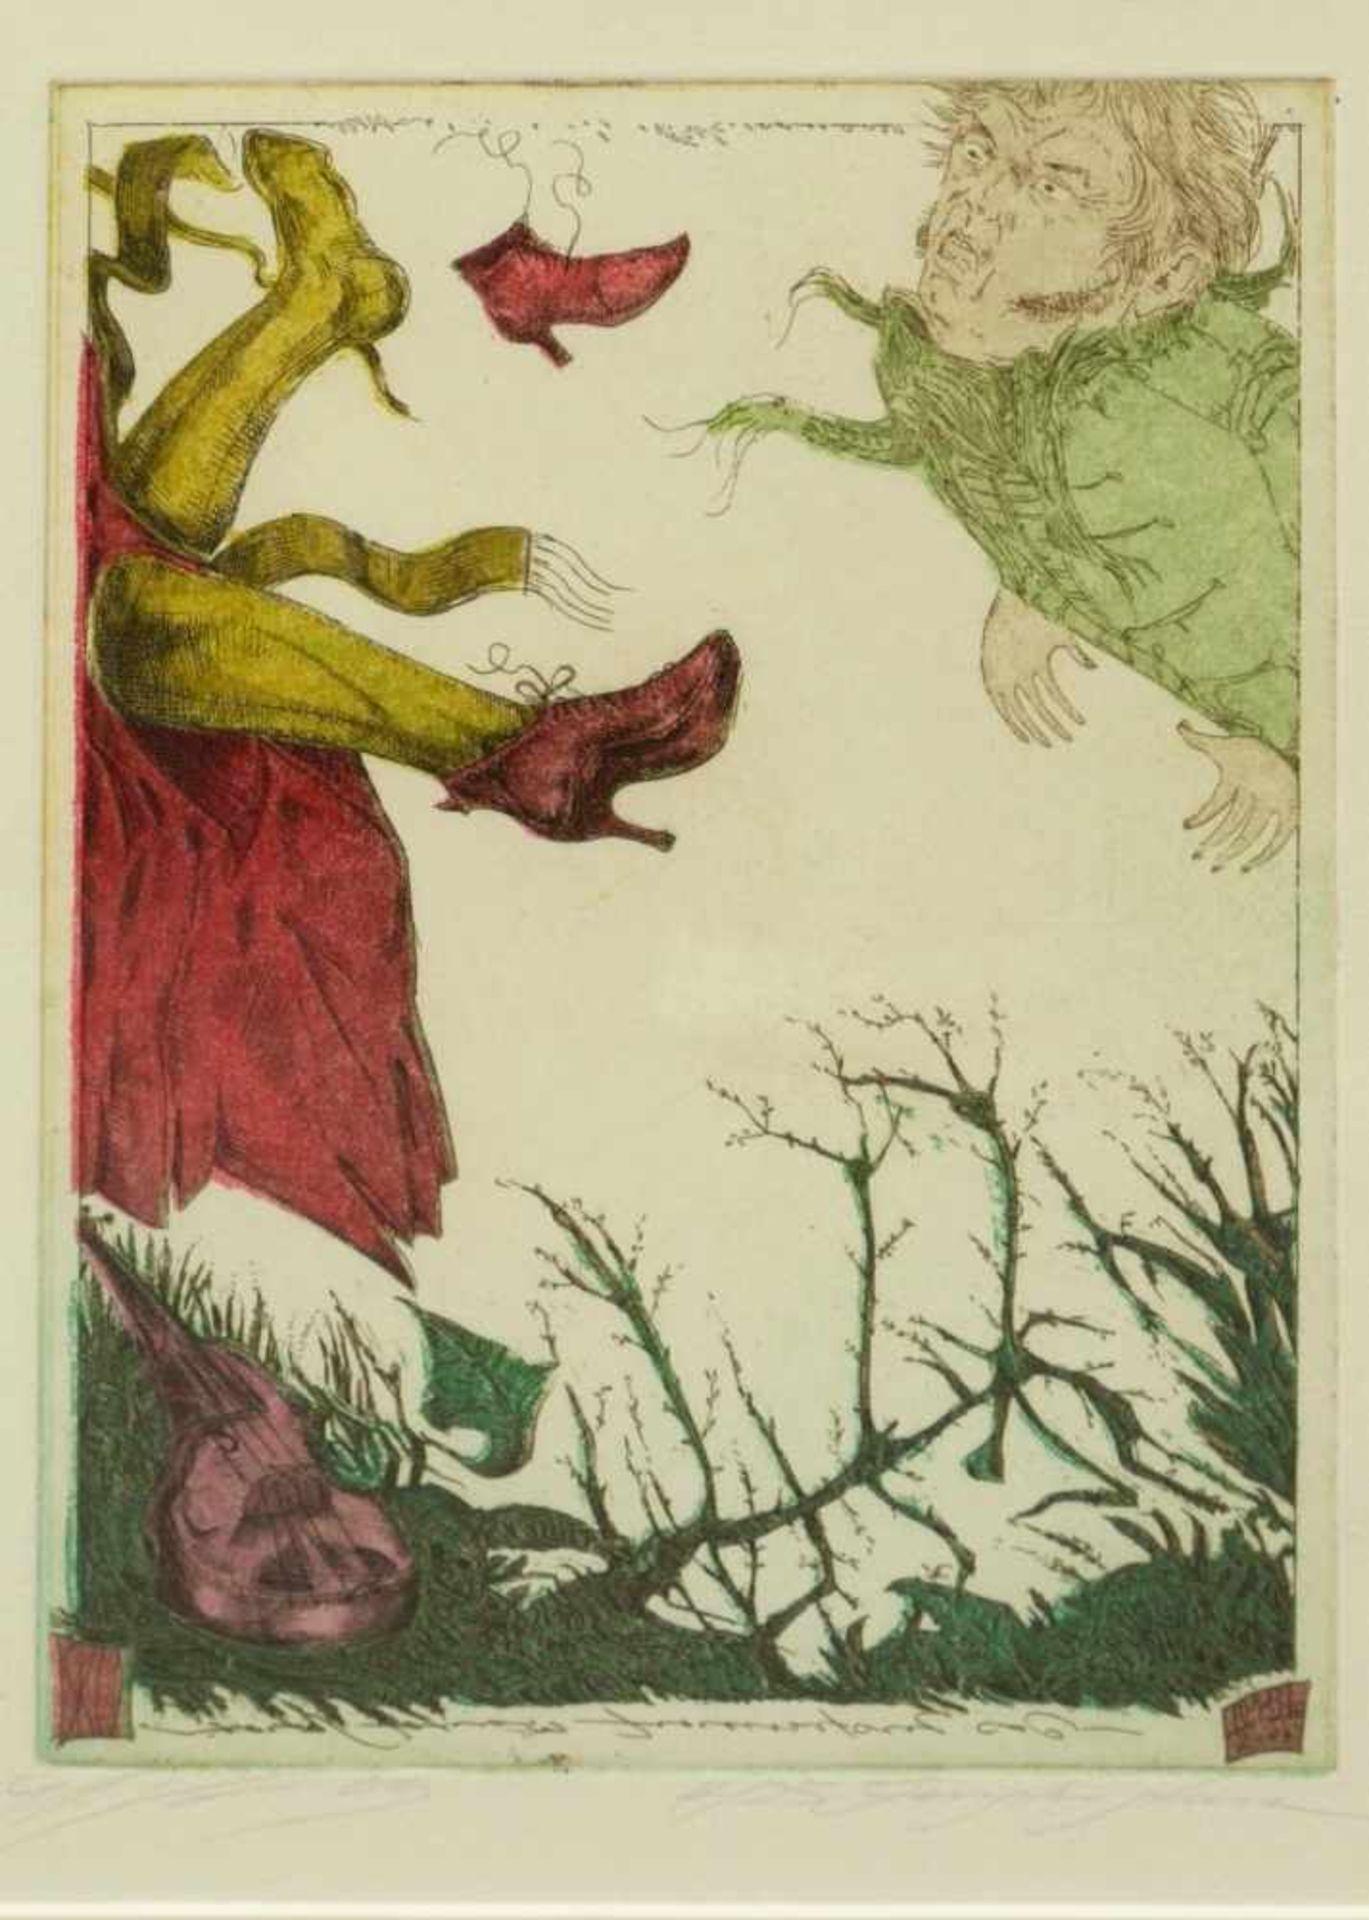 Klenner- Otto, Stephan - Paar Farbradierungen aus E.T.A. Hoffmann Rath Krespel 2004Teil der - Bild 2 aus 5